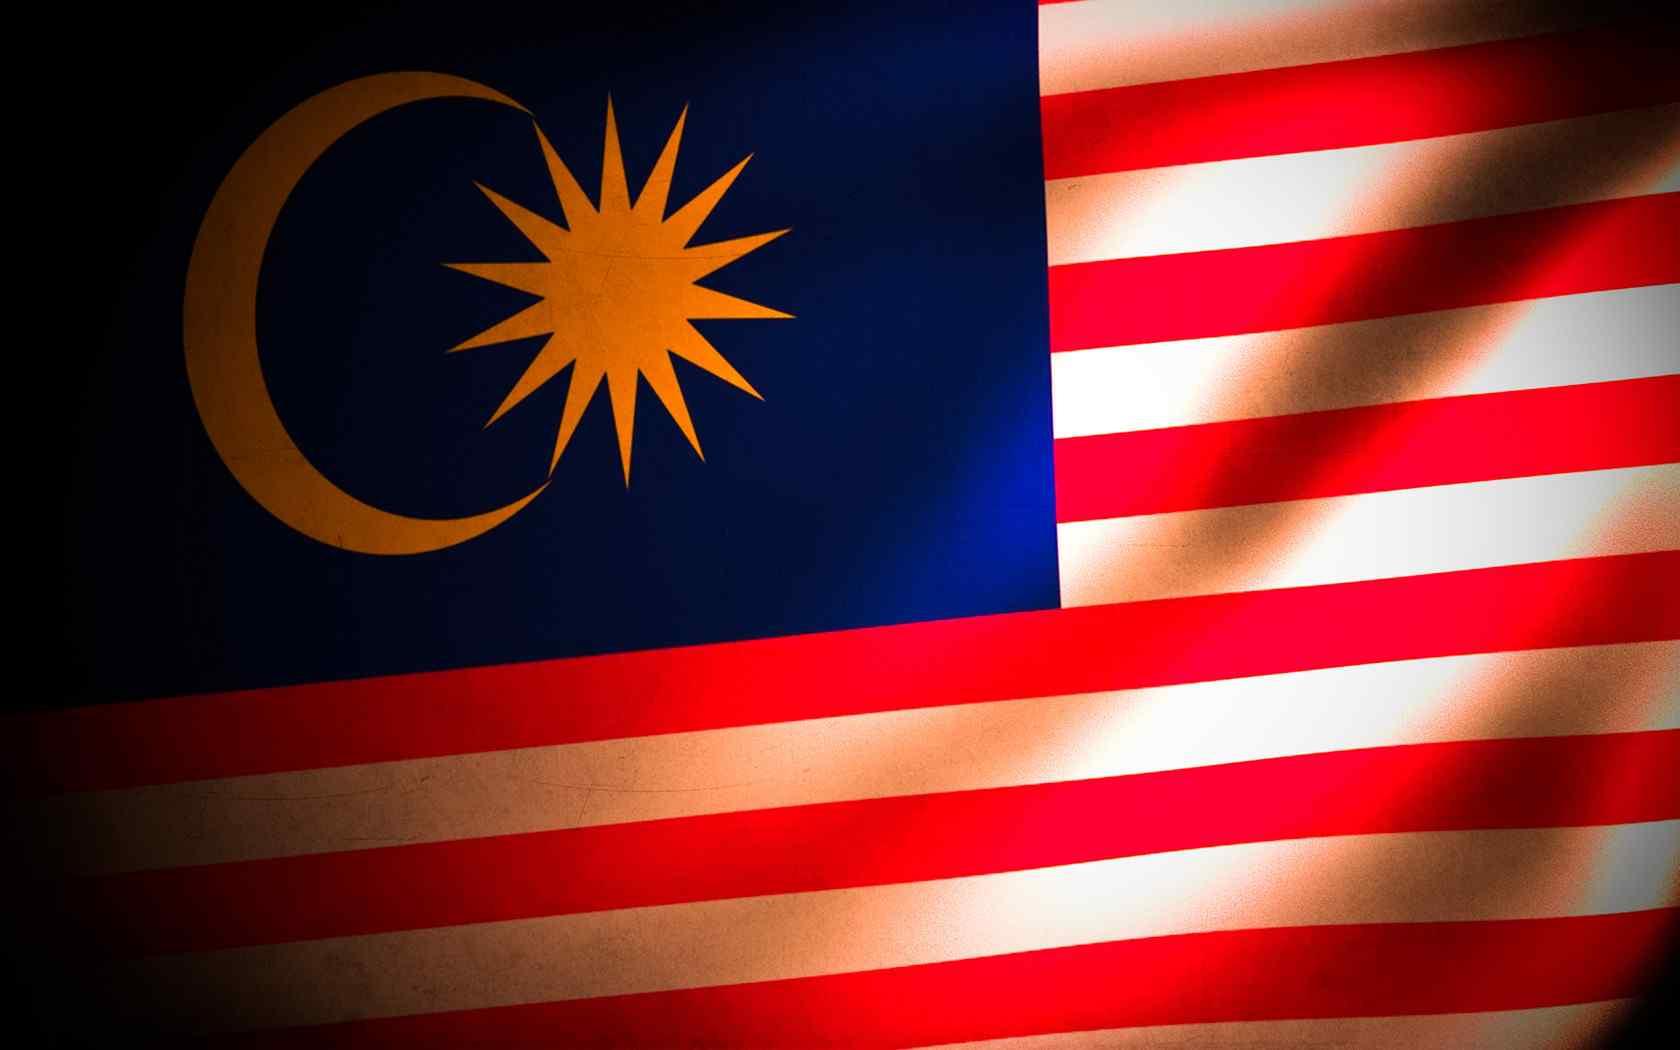 马来西亚国旗创意设计电脑壁纸